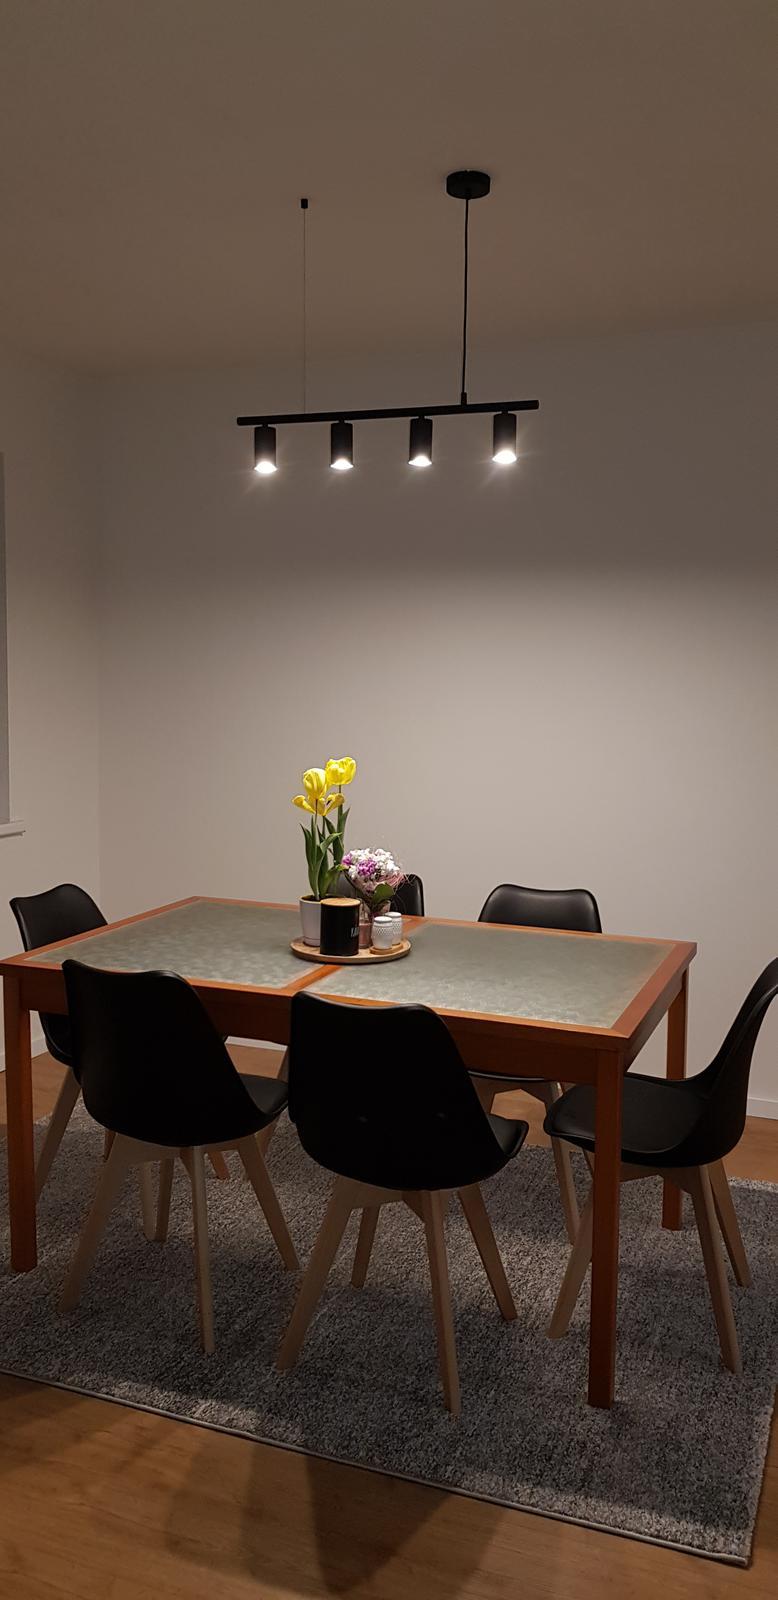 Podkroví - Ještě chybí stůl, dnes přišlo světlo a je úžasné, poprvé můj internetový nákup předčil mě očekávání